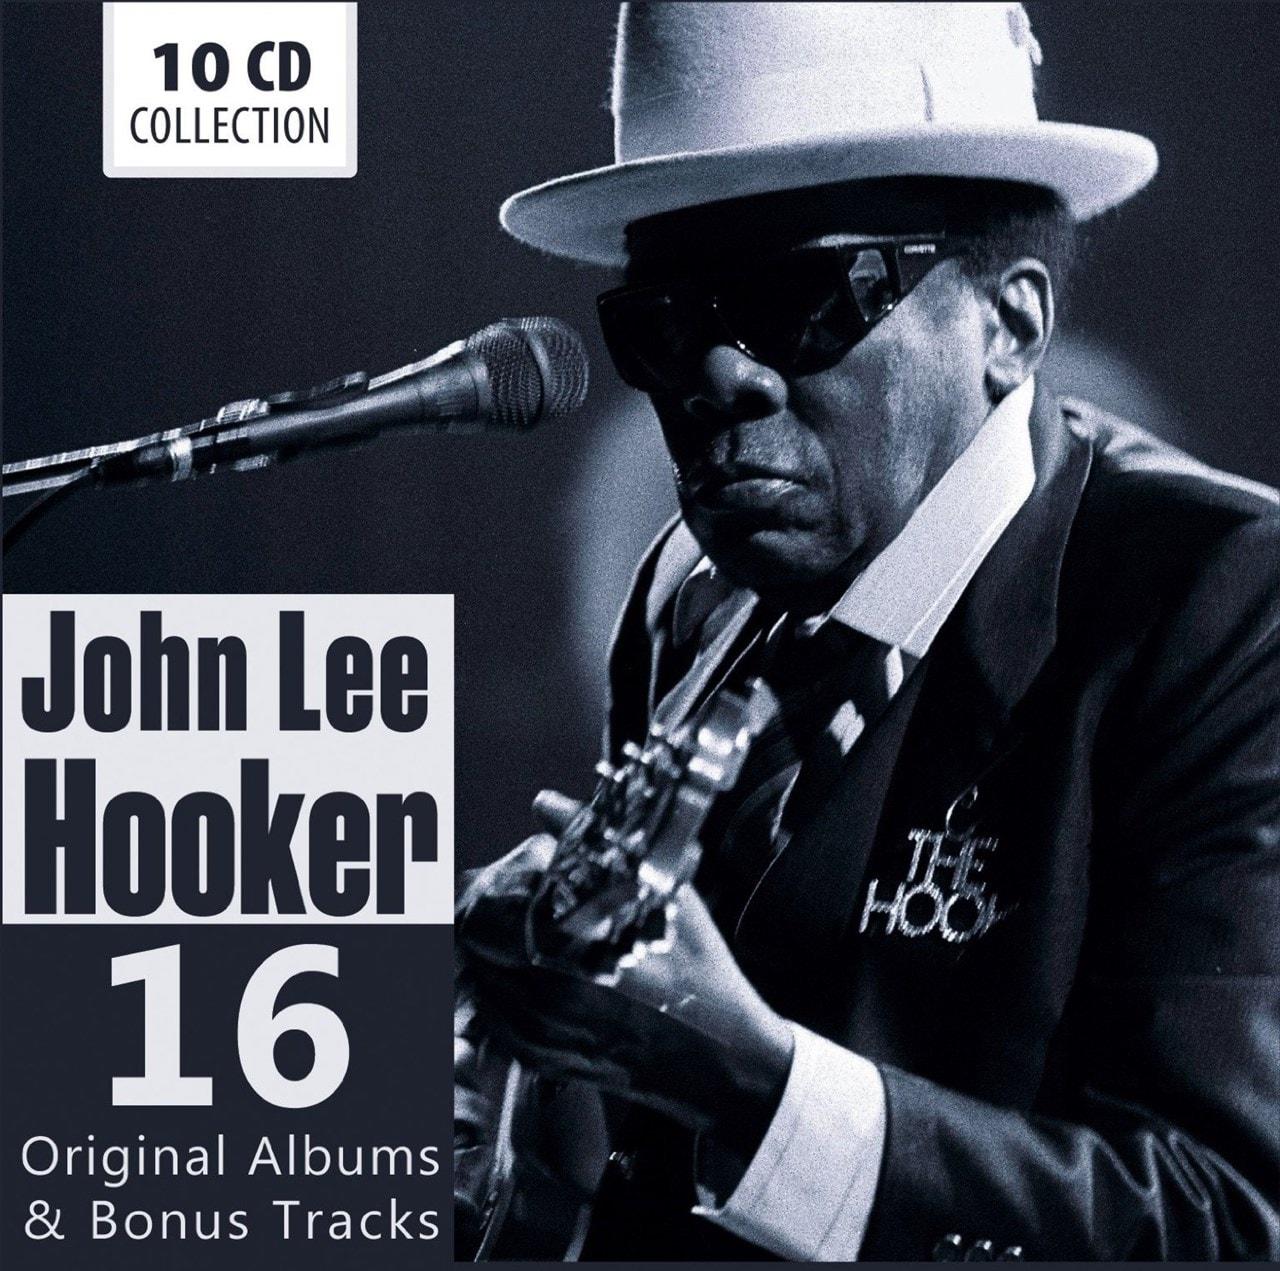 16 Original Albums & Bonus Tracks - 1